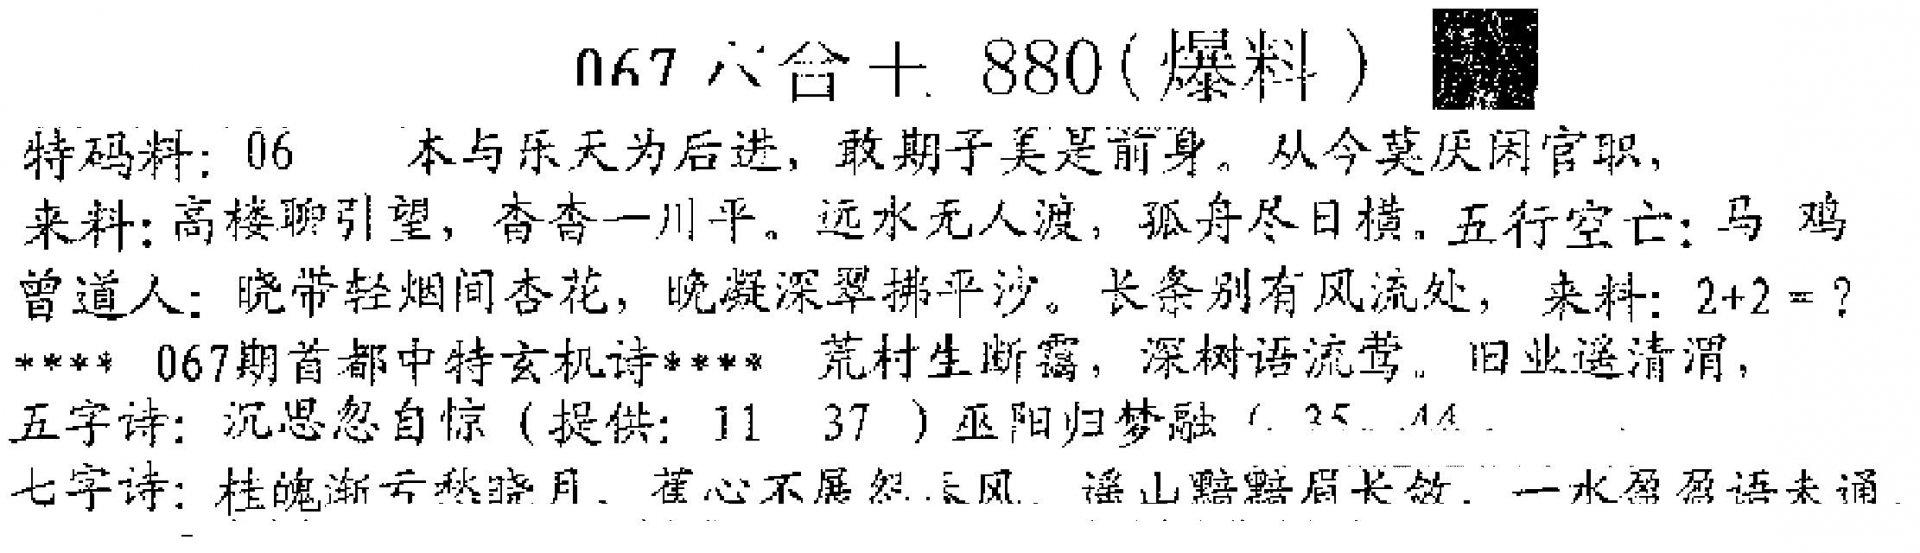 067期880来料(黑白)